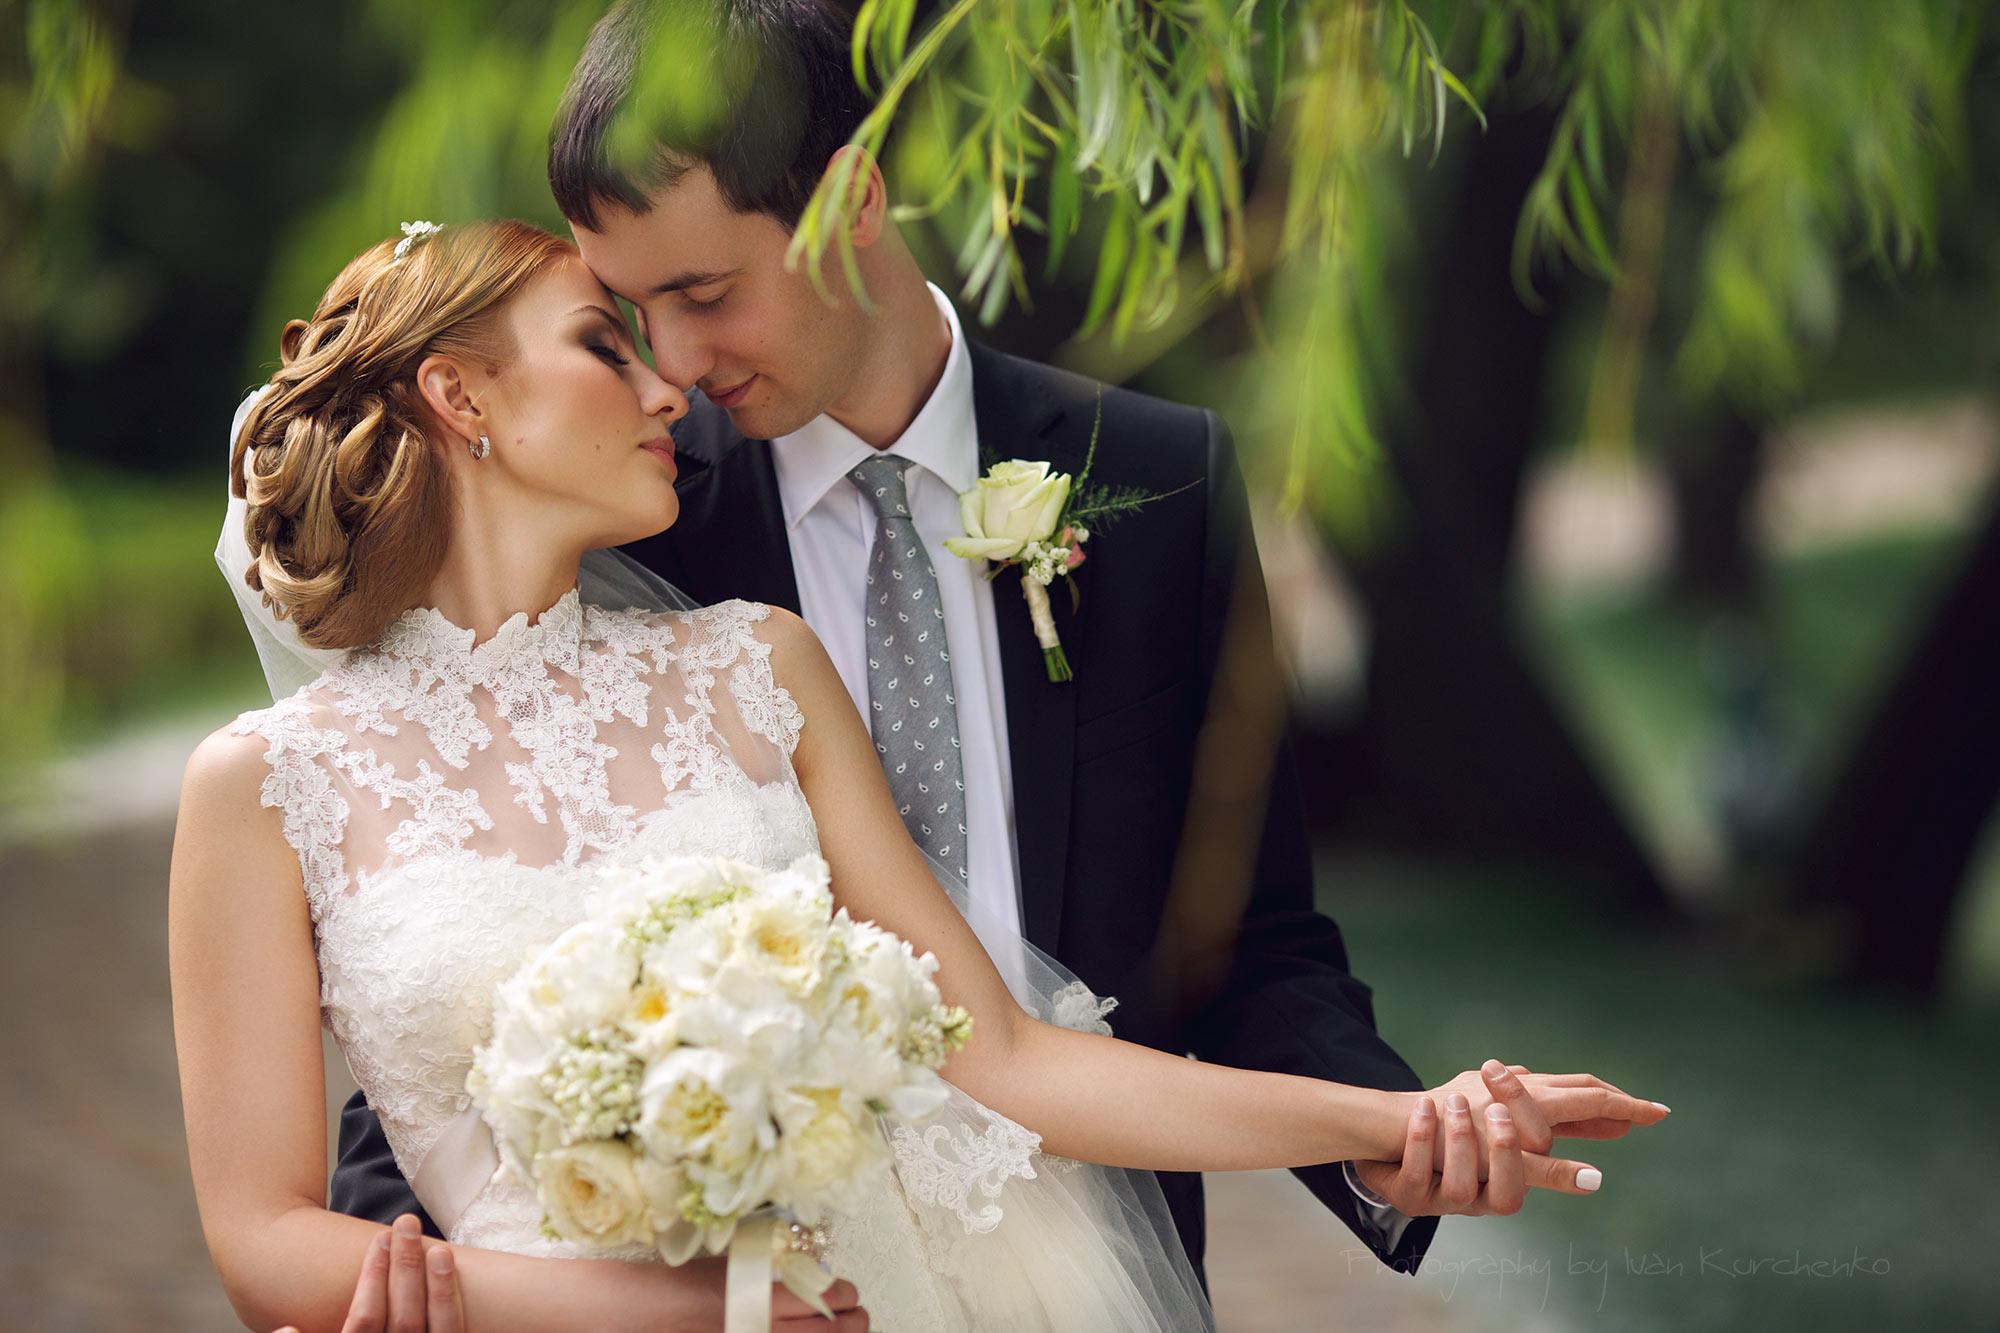 Красивые картинки для свадебных фото